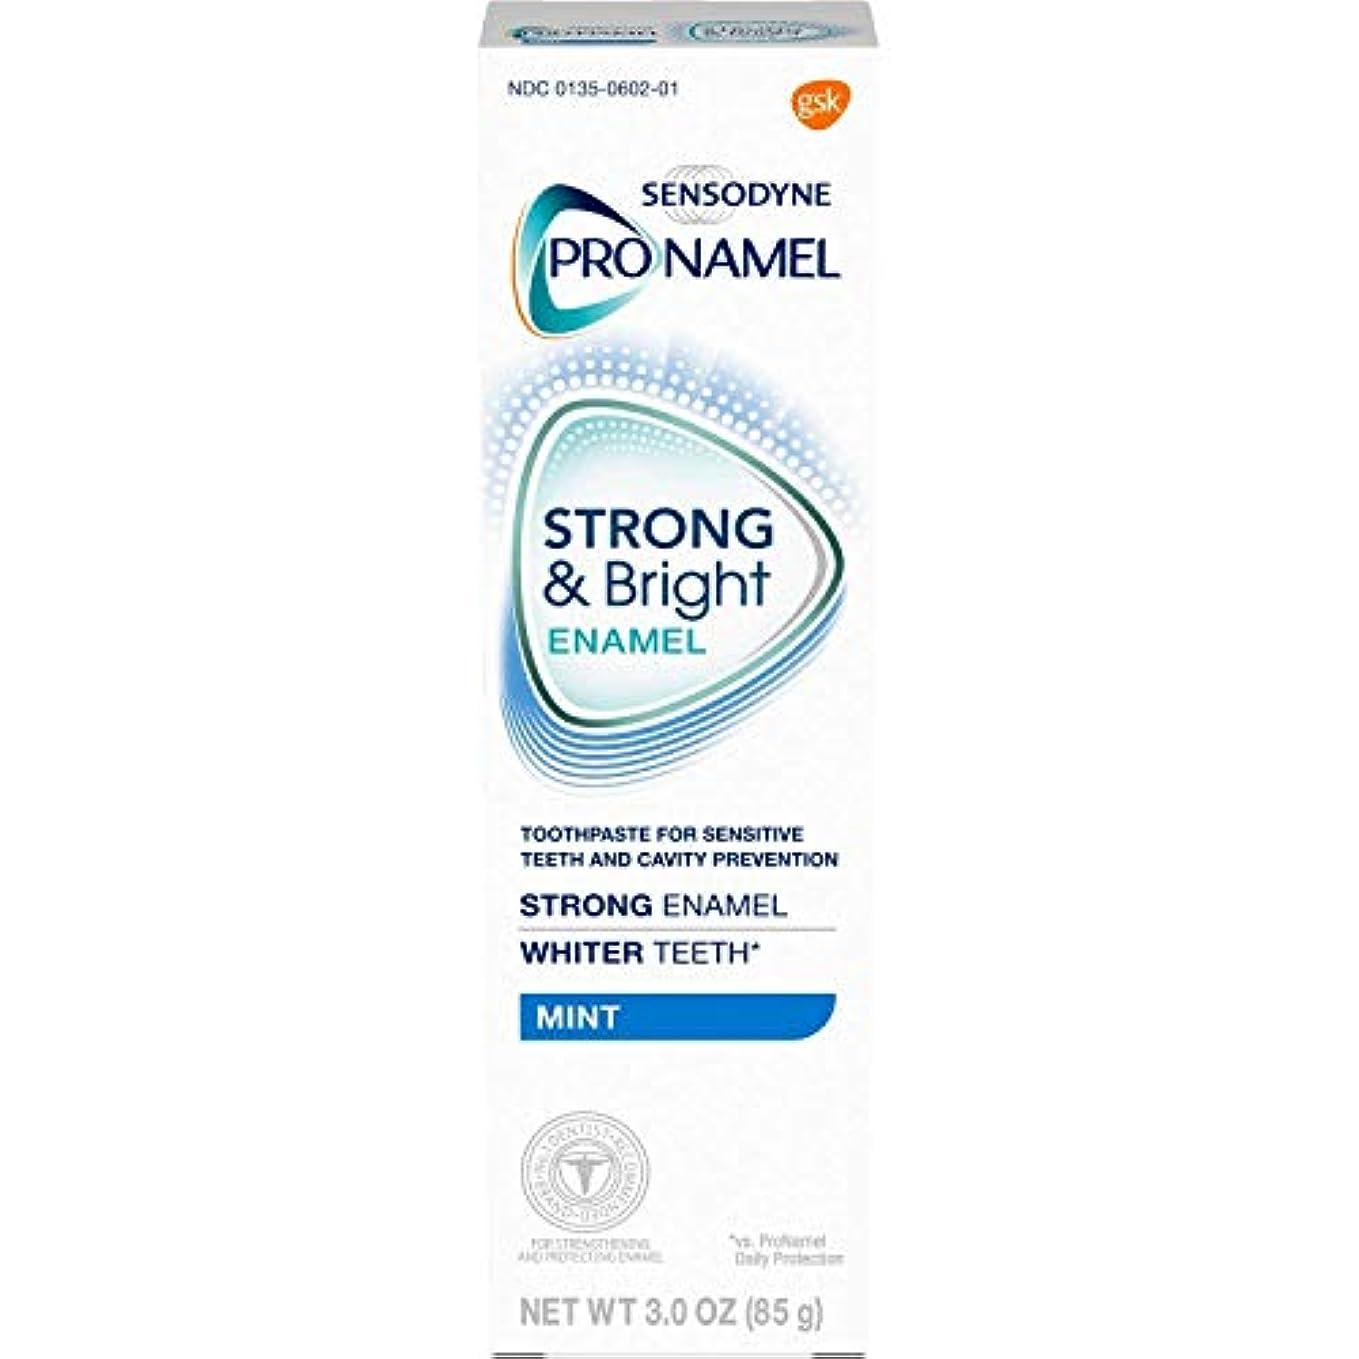 エイズピクニックをする添加SENSODYNE PRONAMEL 敏感な歯のミントのためにSensodyne ProNamelストロング&明るいエナメルハミガキ - 3オンス、6パック